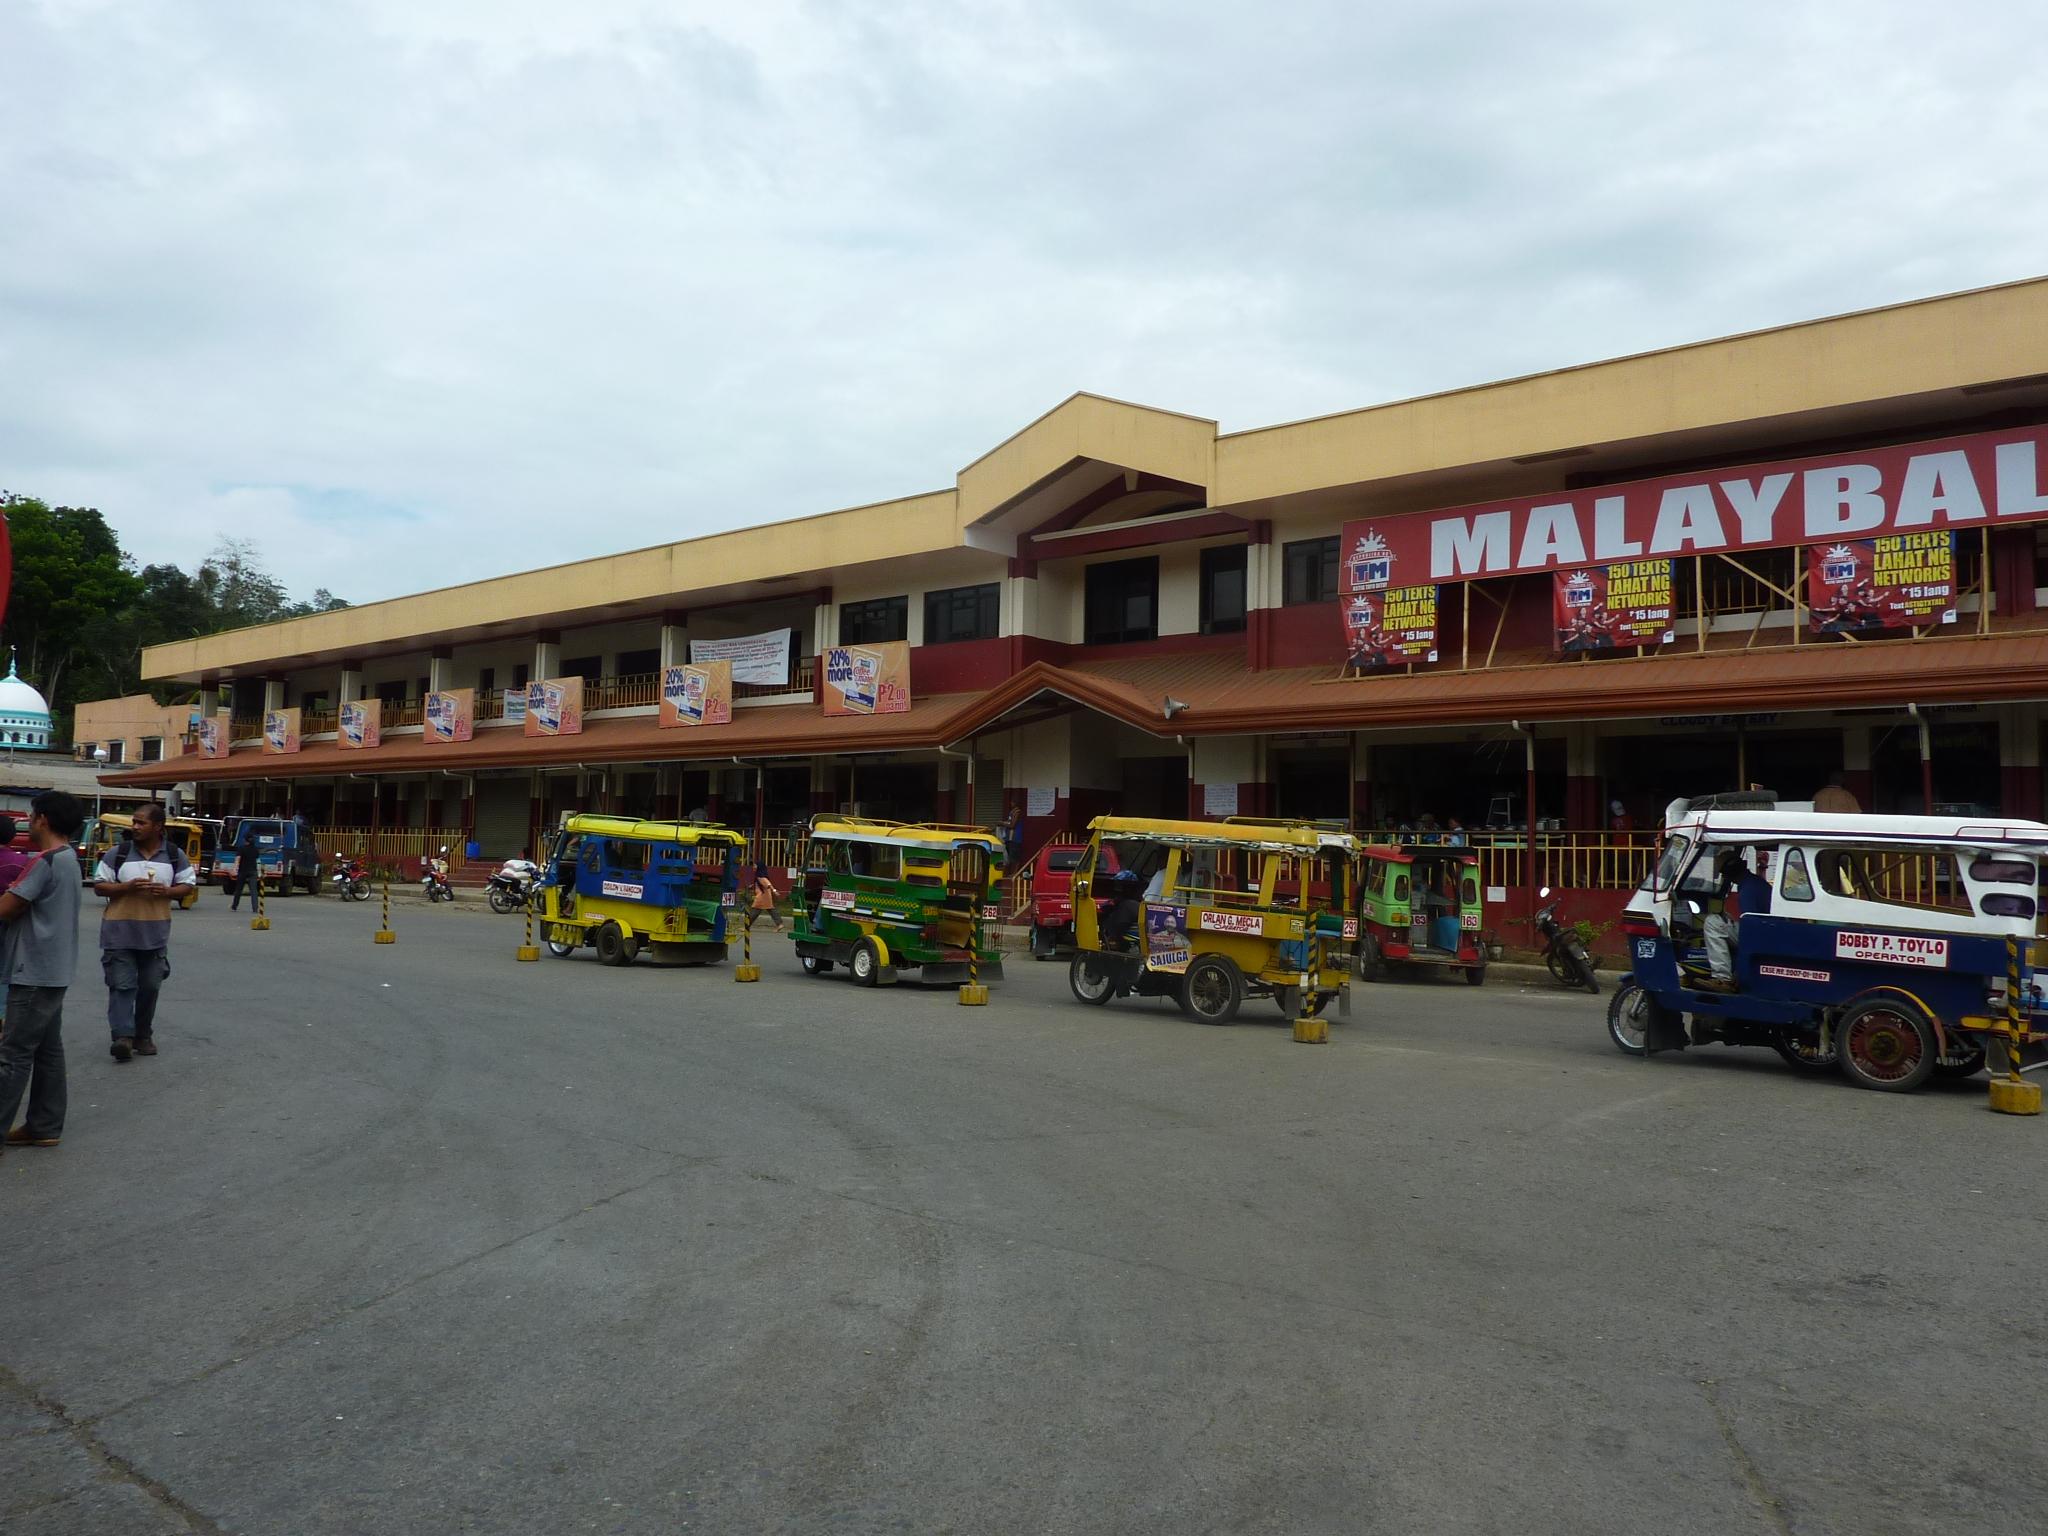 Malay balay